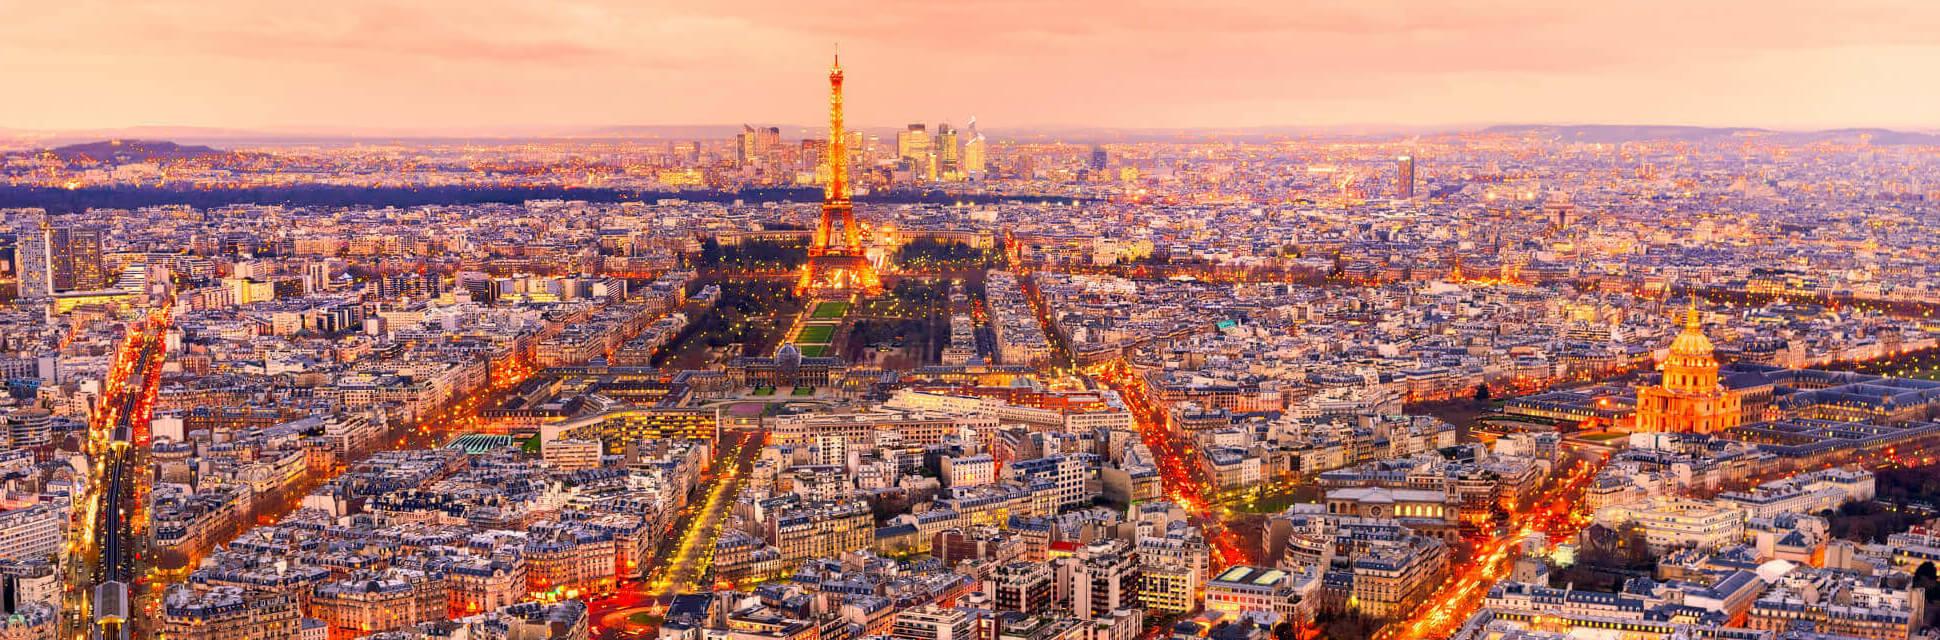 INVESTIR DANS L'IMMOBILIER France et paris